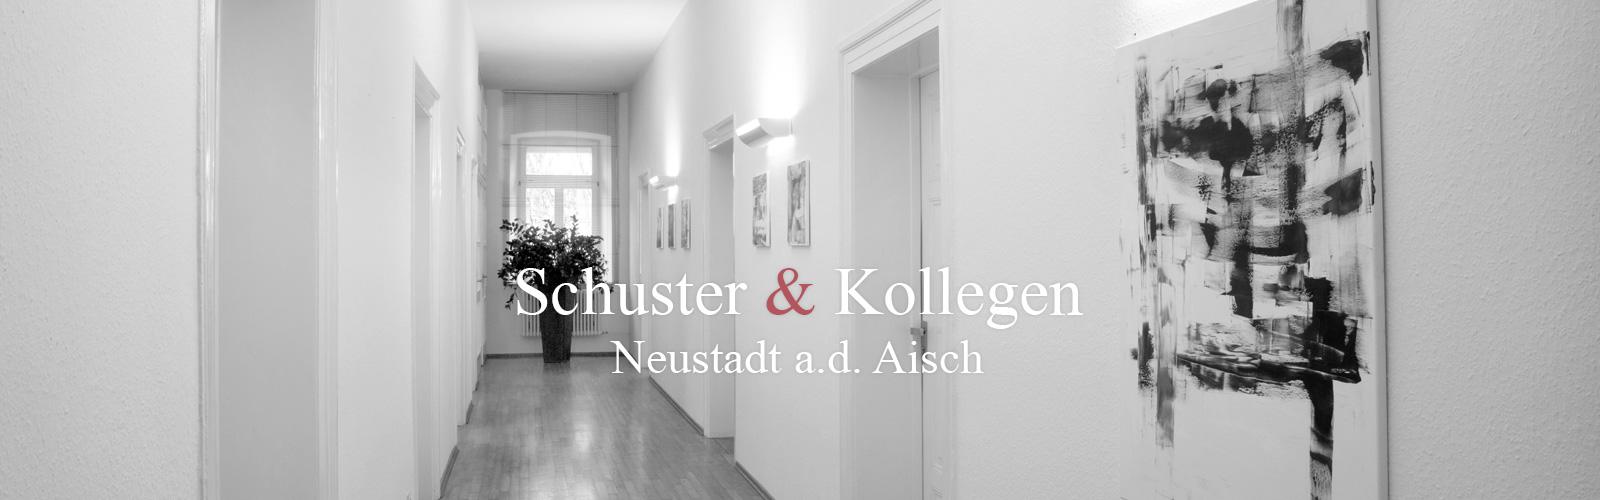 Rechtsanwalt Schuster & Kollegen Neustadt Aisch